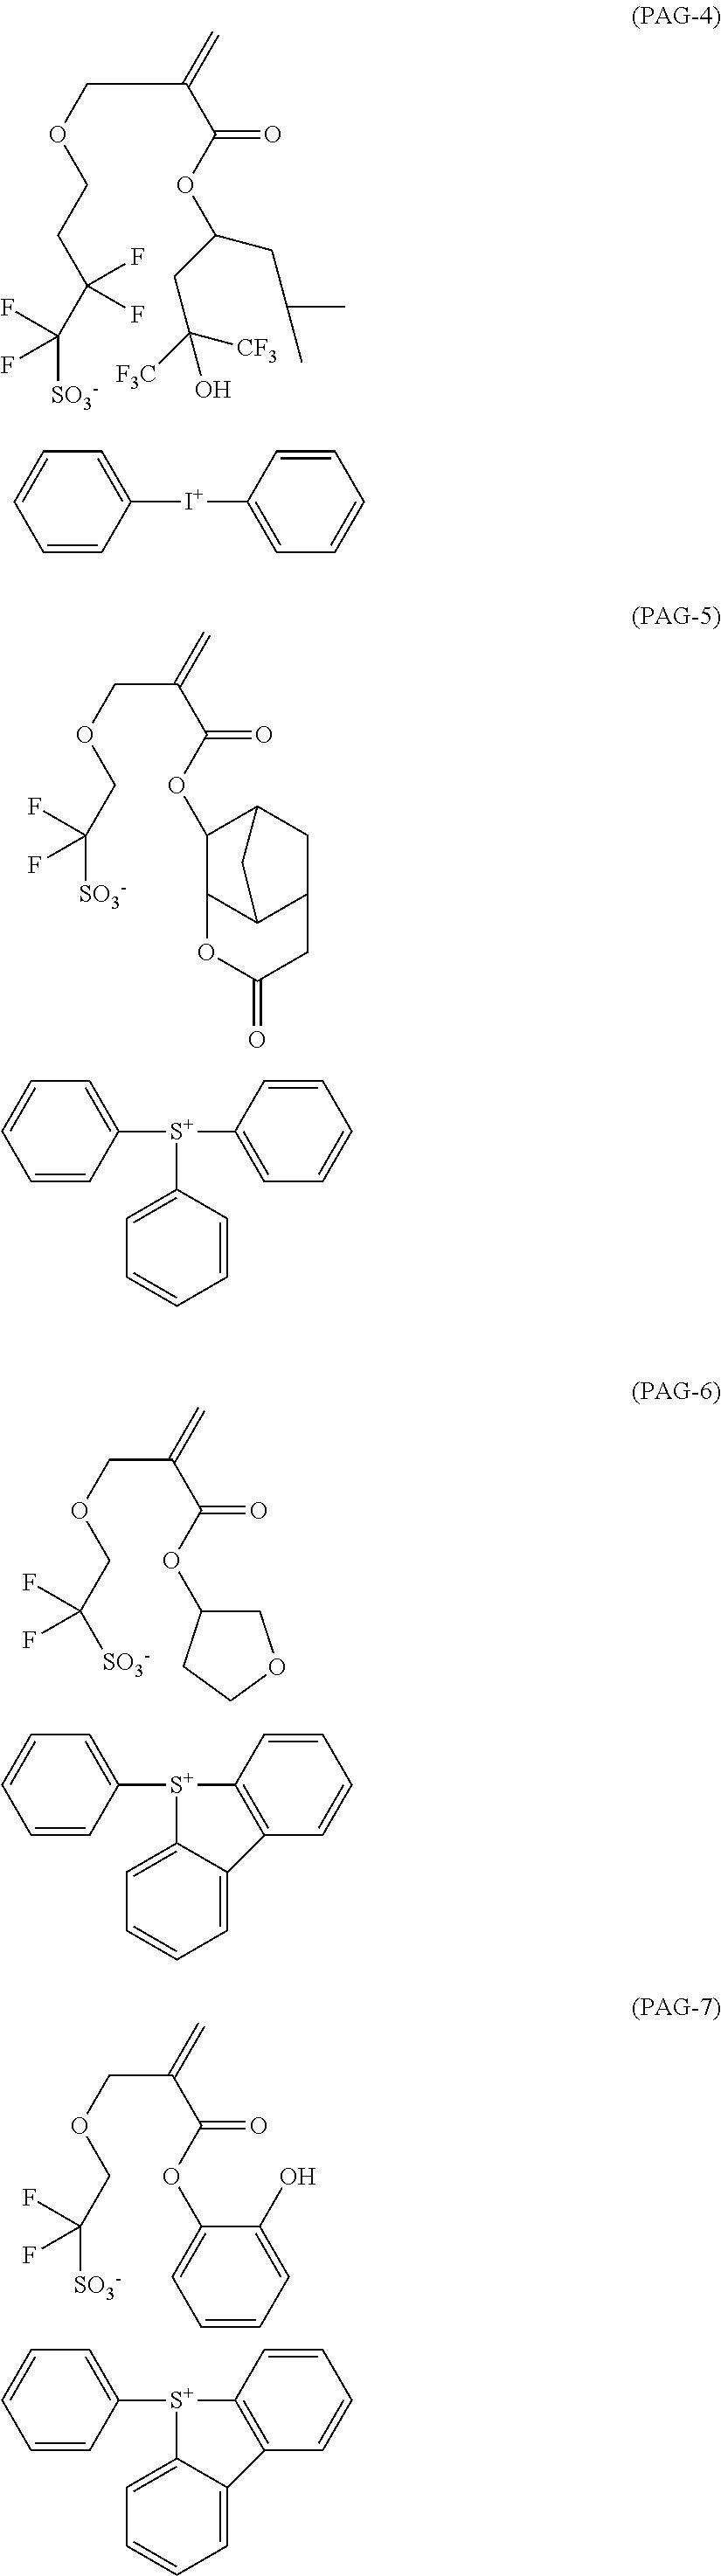 Figure US09488914-20161108-C00163